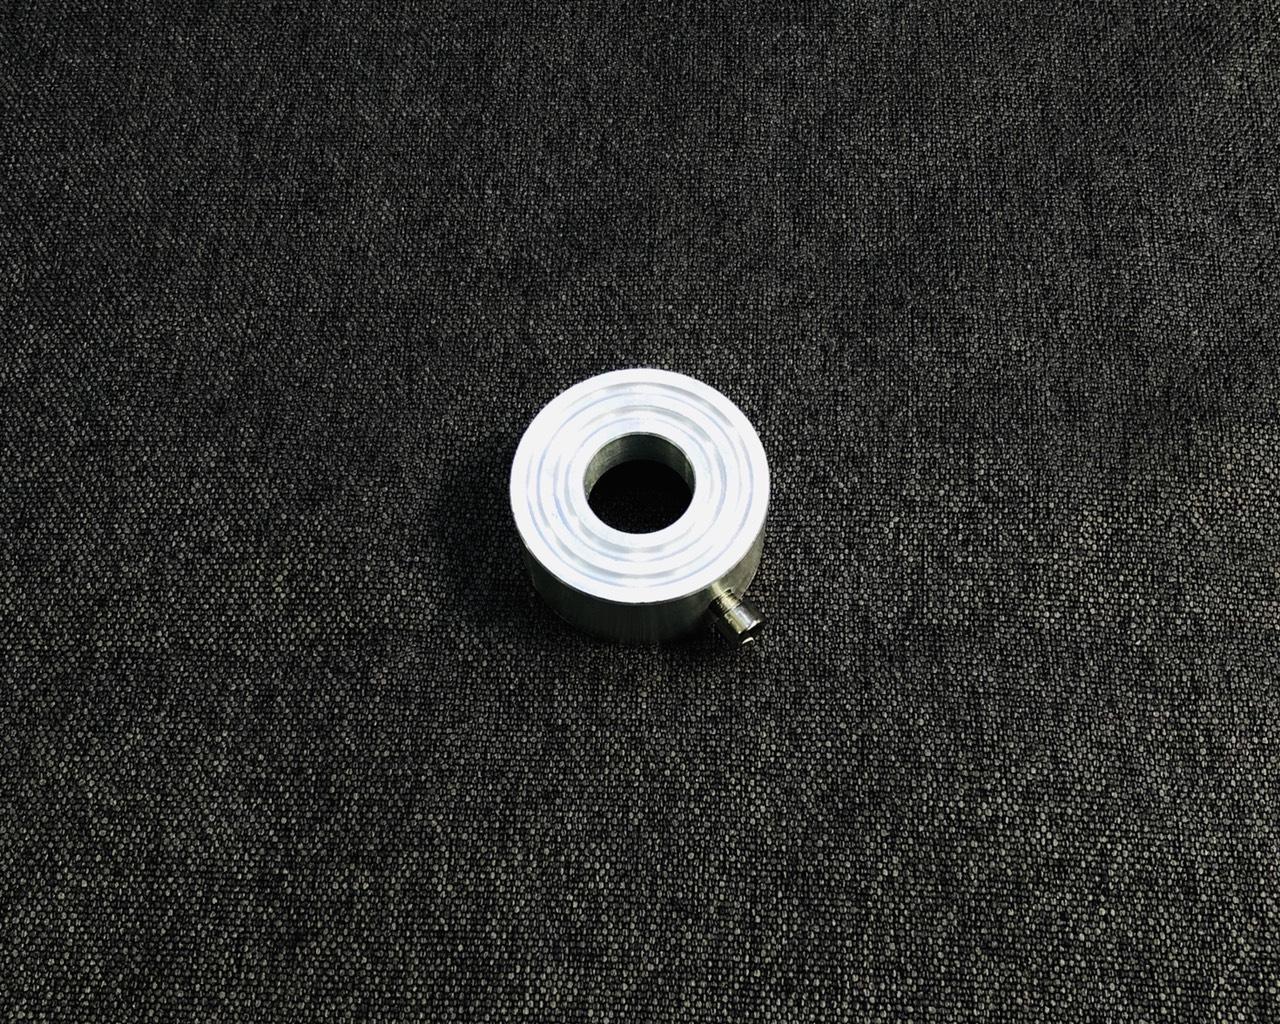 tiêu tiện CNC lổ 22mm dùng cho pô leovince